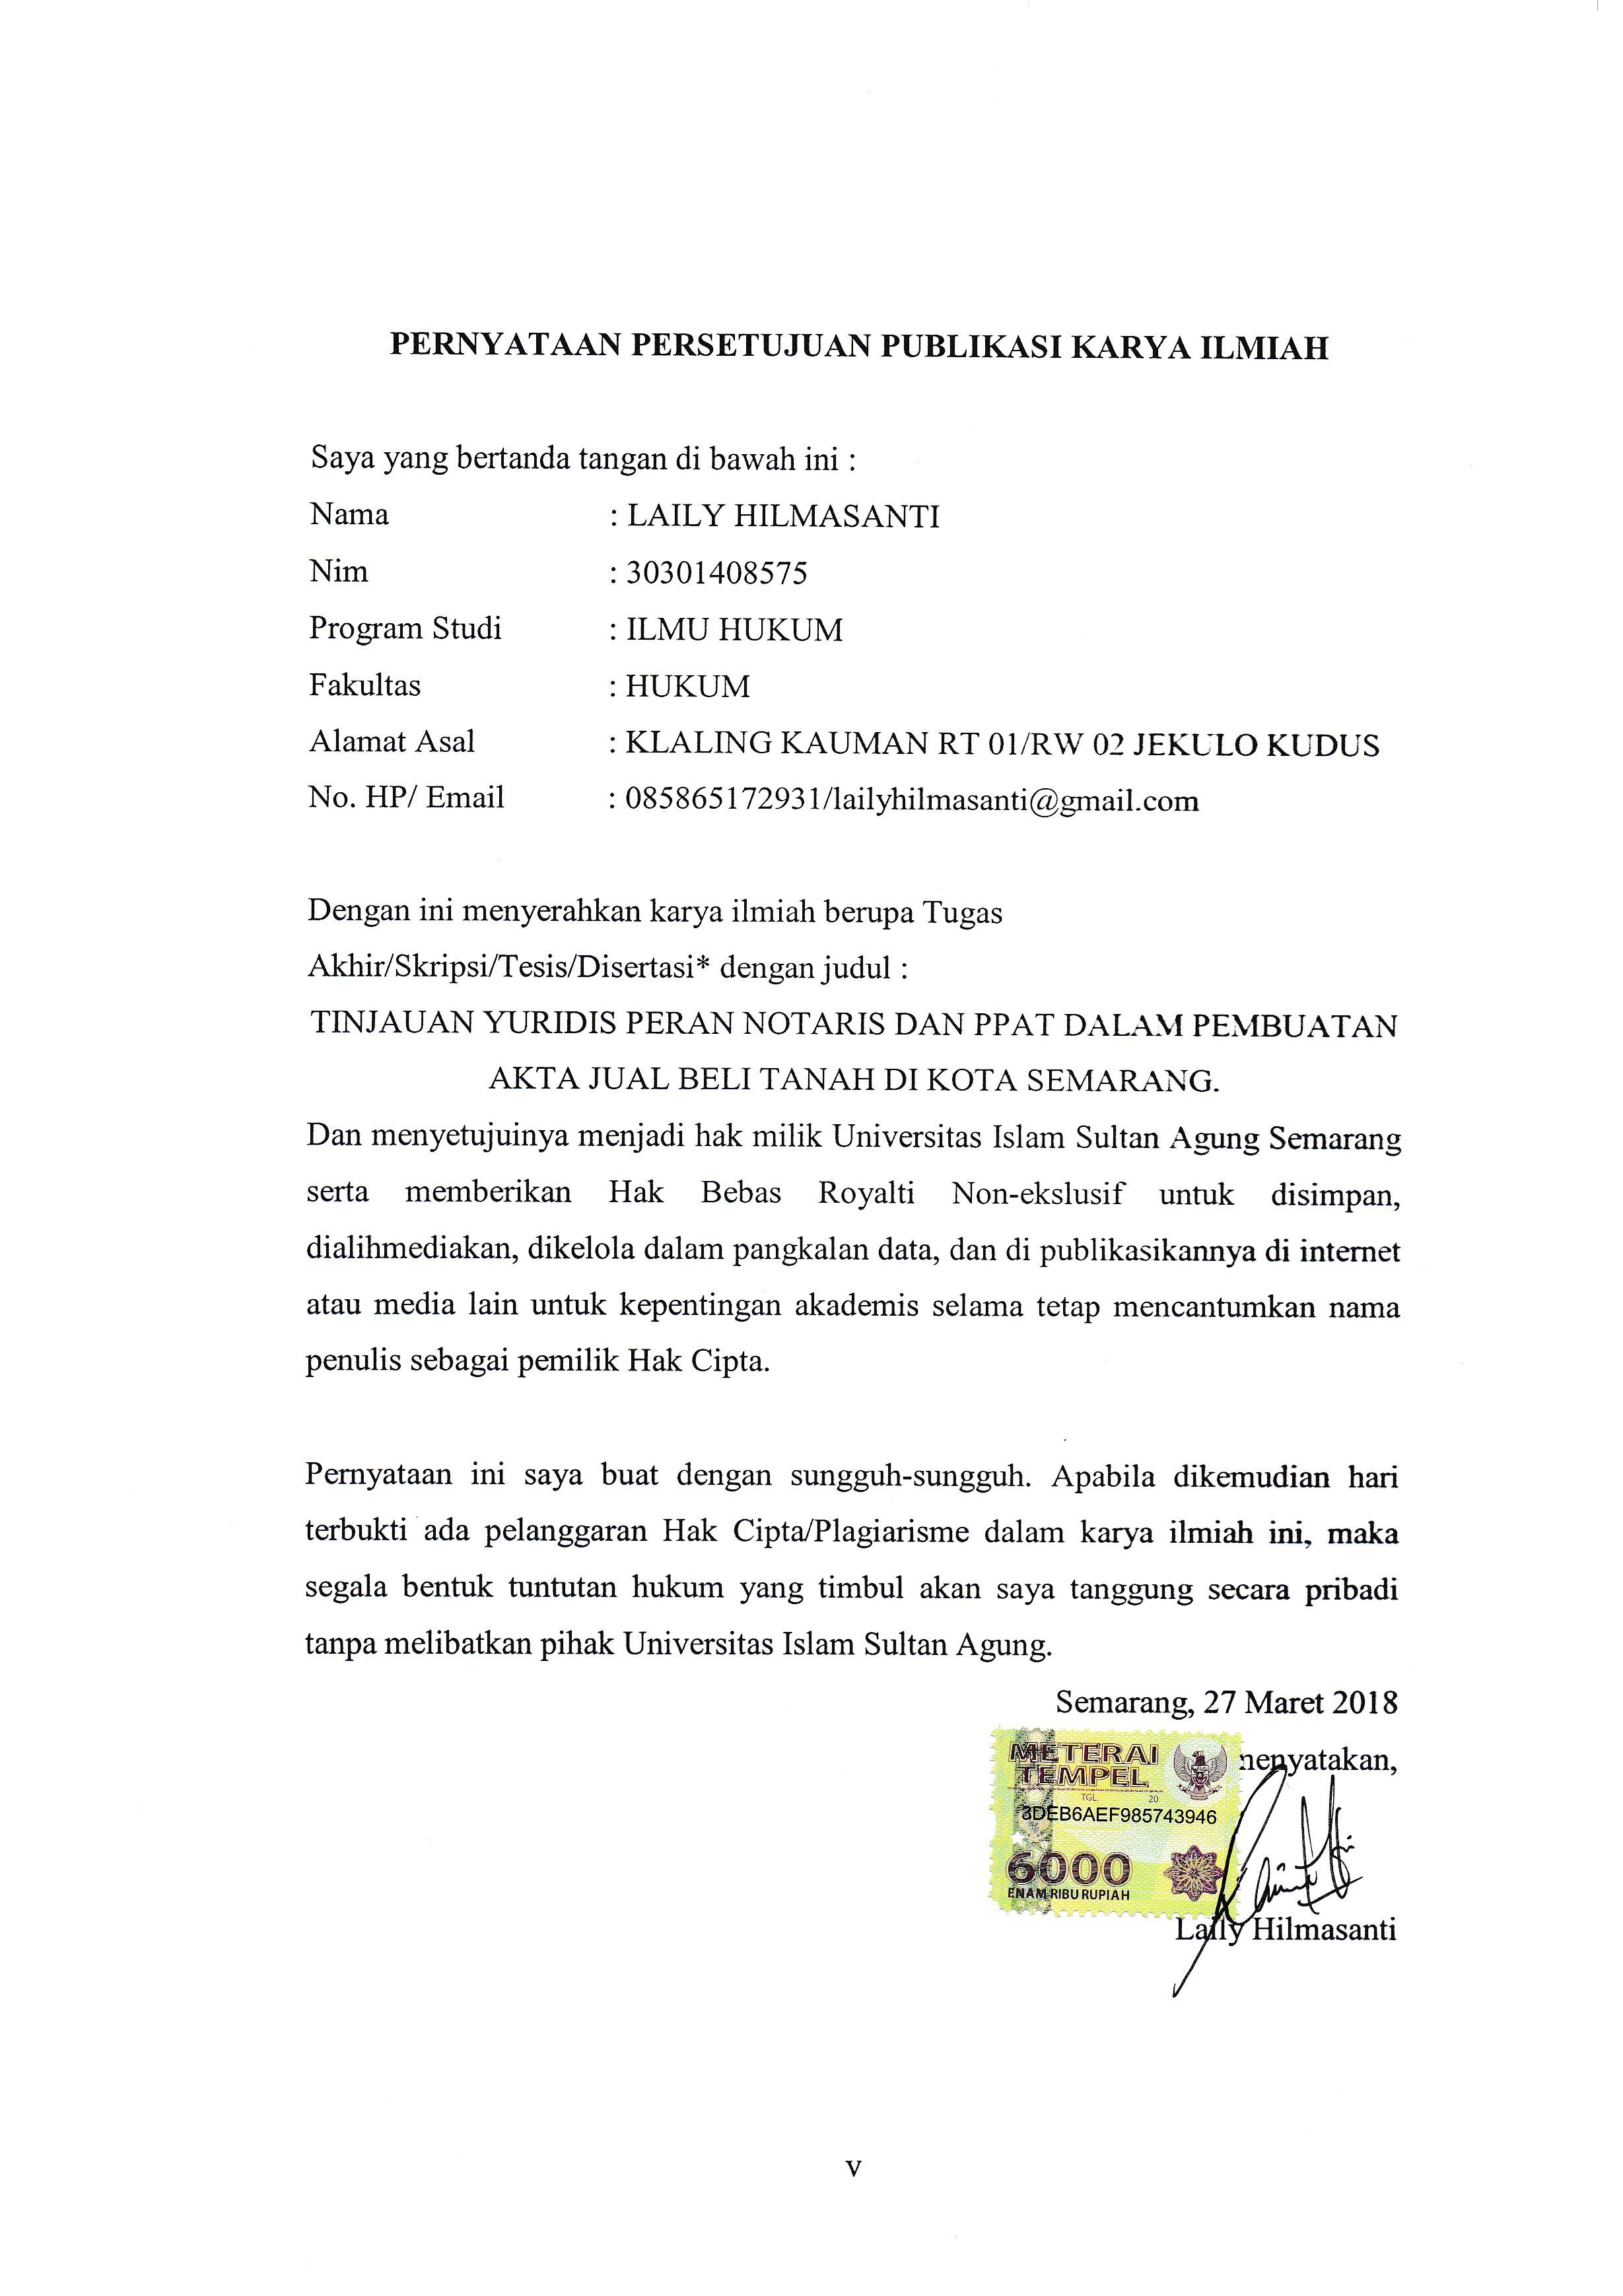 Tinjauan Yuridis Peran Notaris Dan Ppat Dalam Pembuatan Akta Jual Beli Tanah Di Kota Semarang Unissula Repository